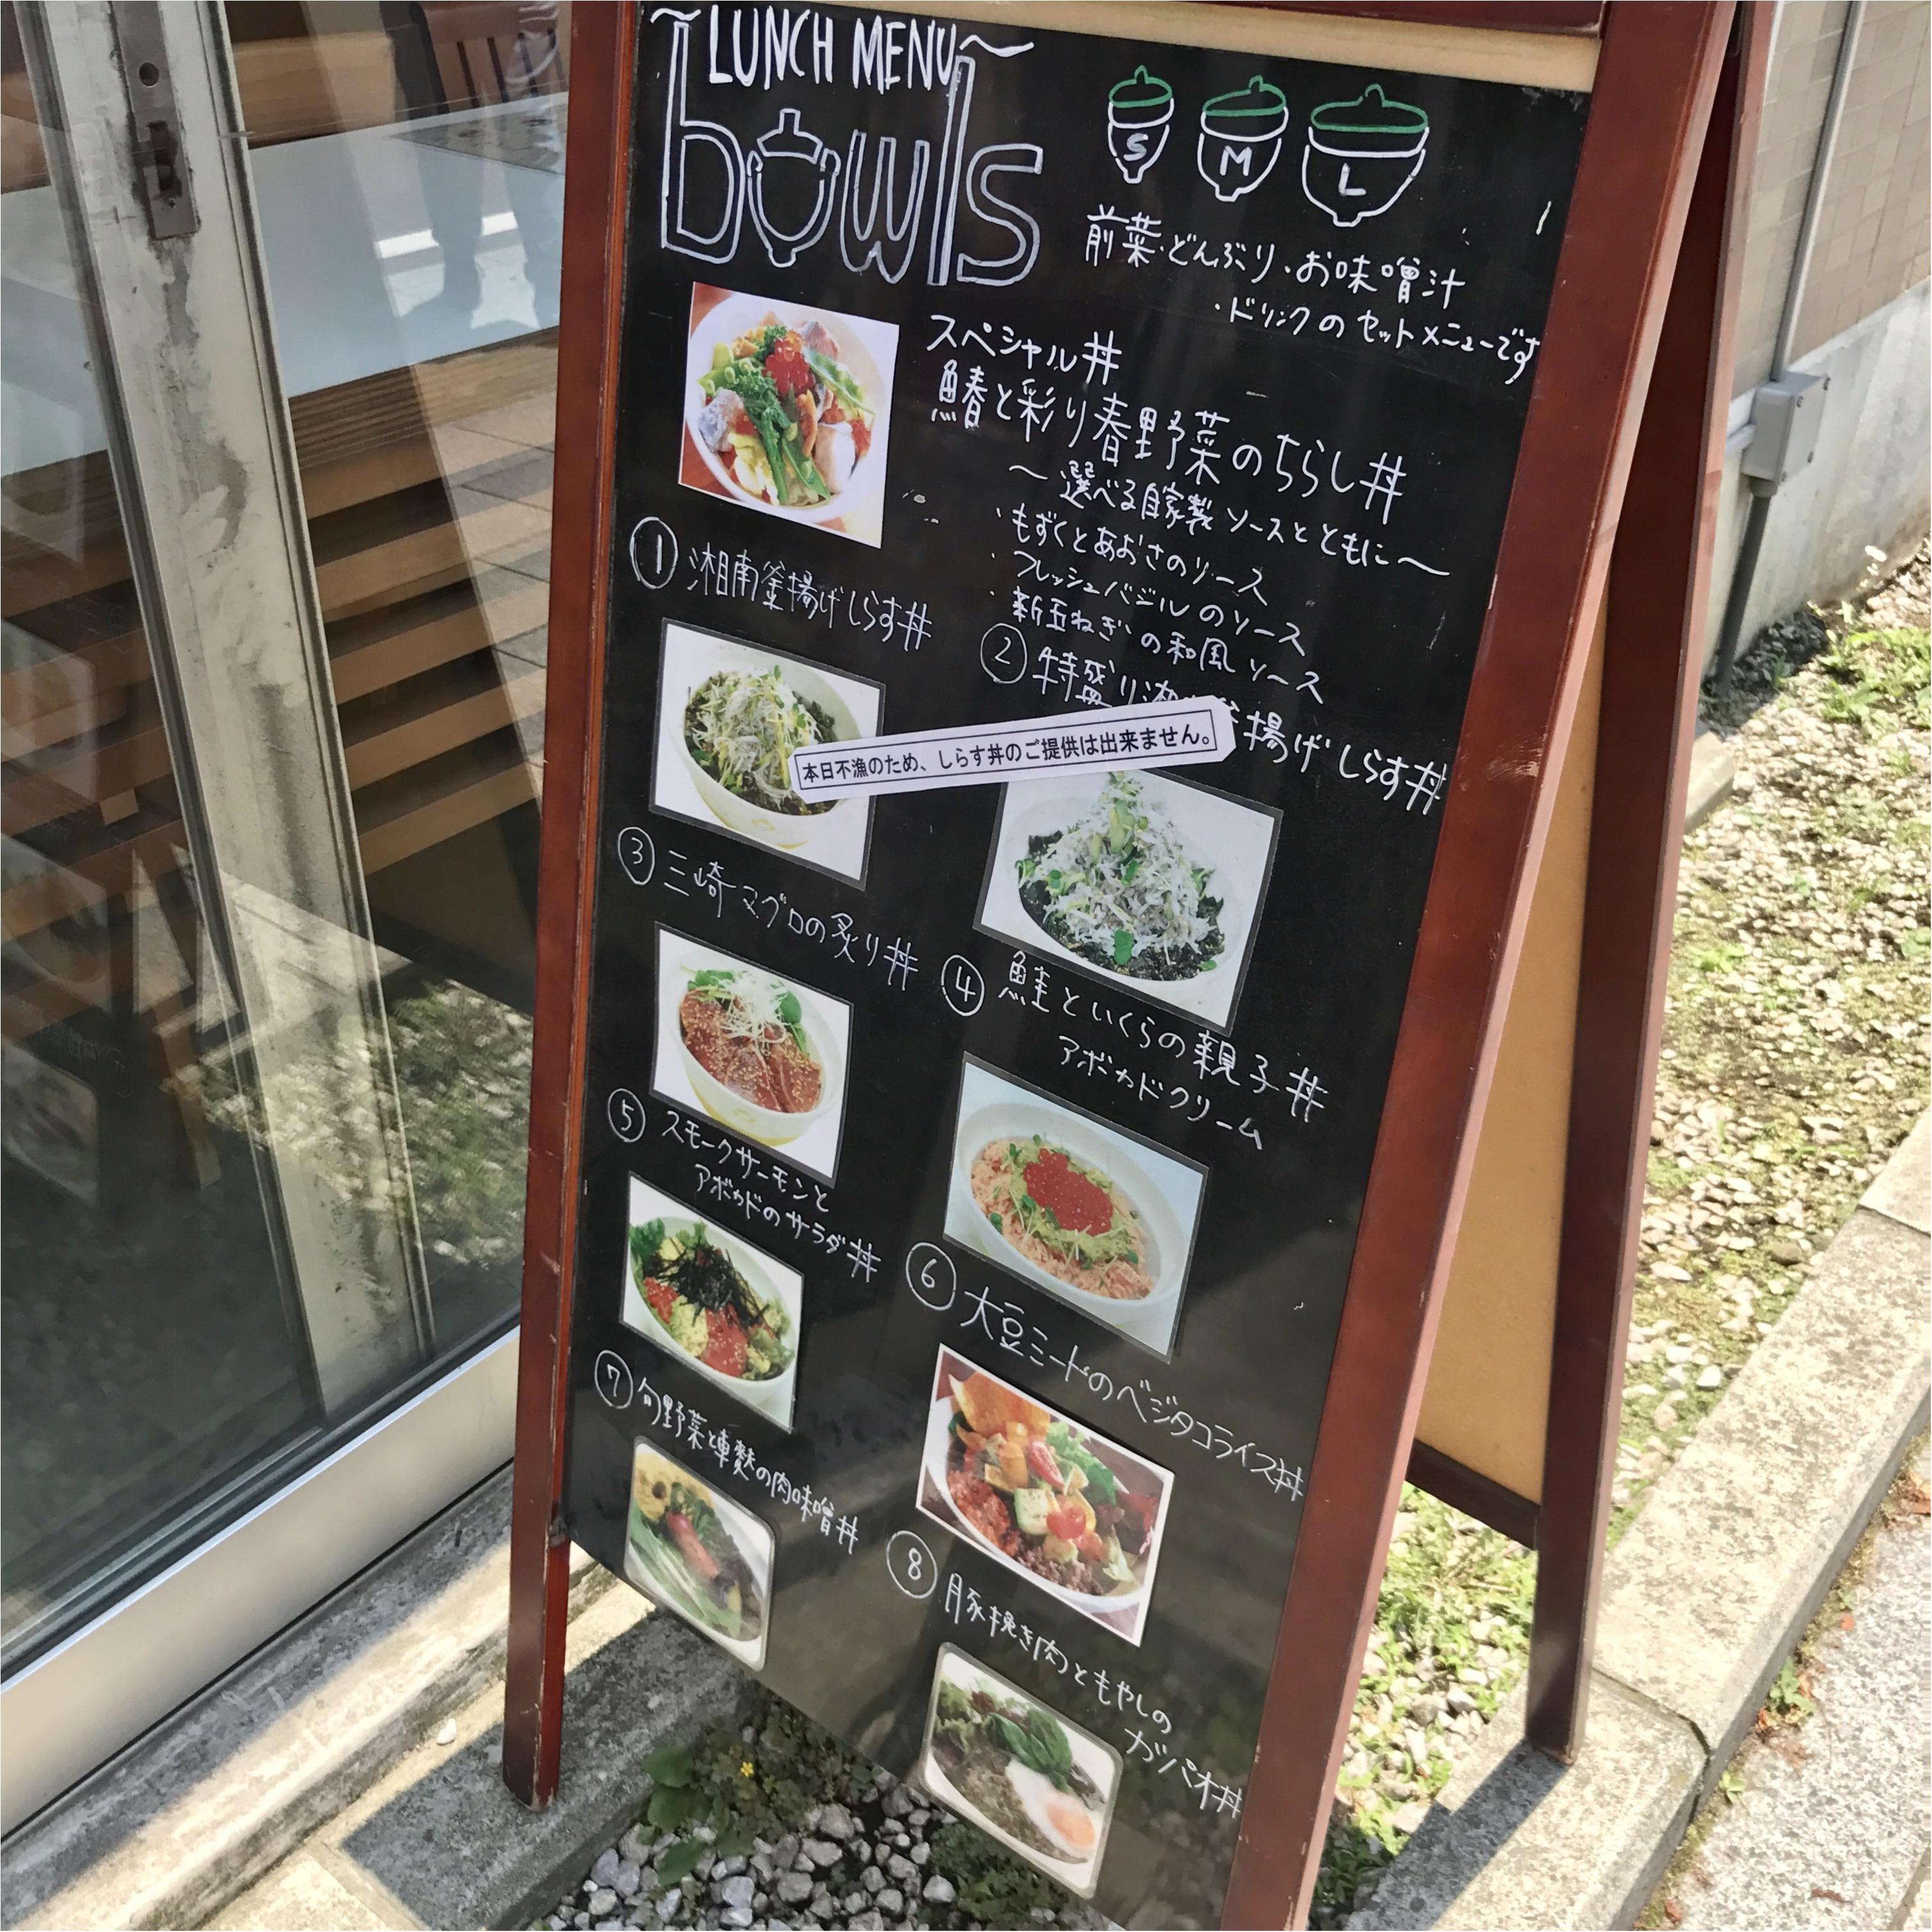 【鎌倉グルメ】ランチに迷ったらココ♡ どんぶりカフェ「鎌倉bowls(ボウルズ)」_2